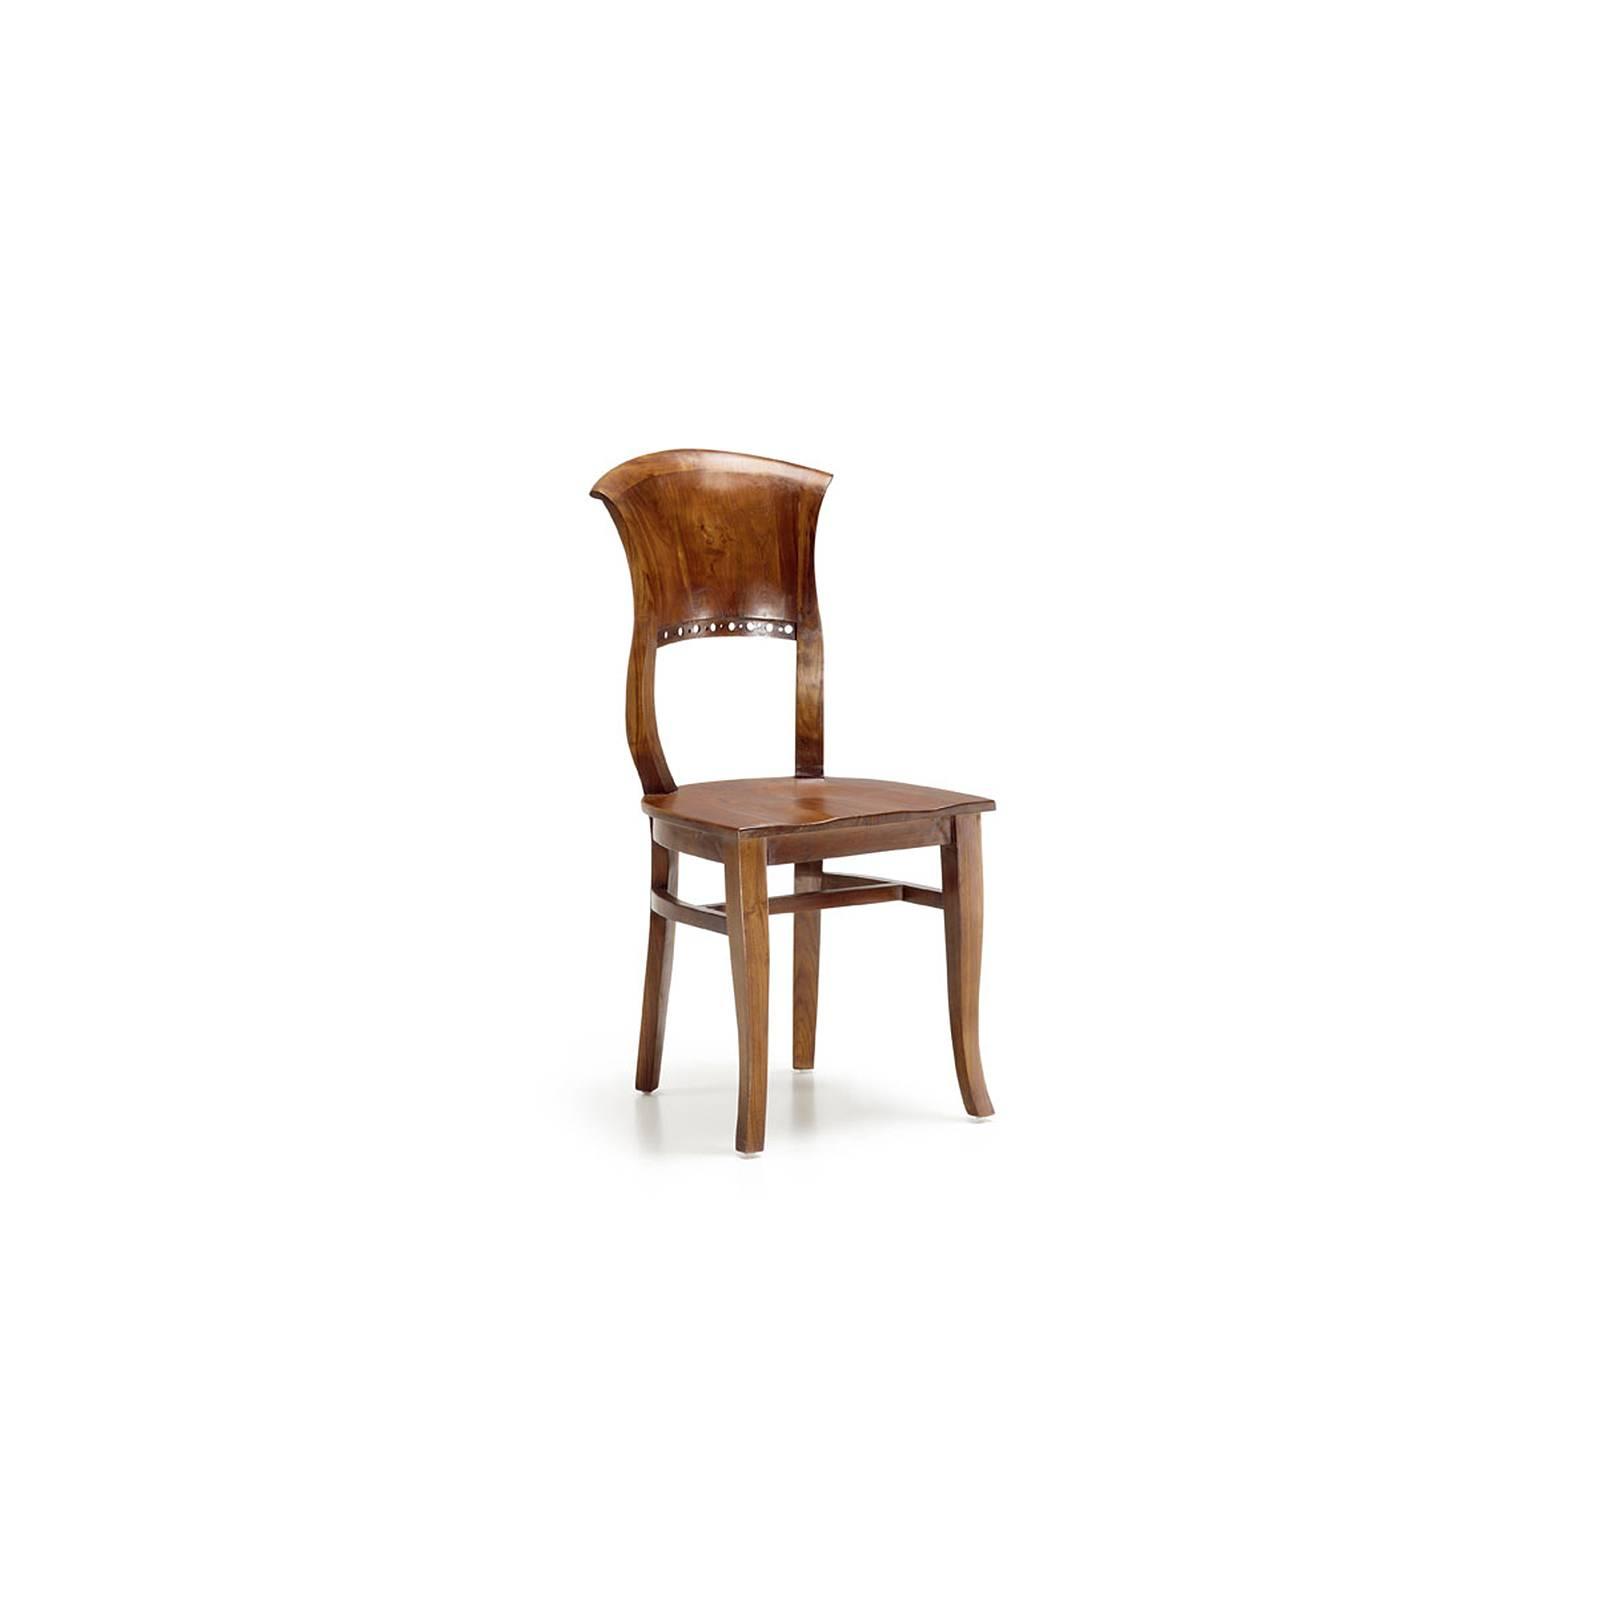 Chaise Coloniale Tali Mindy - meuble bois exotique